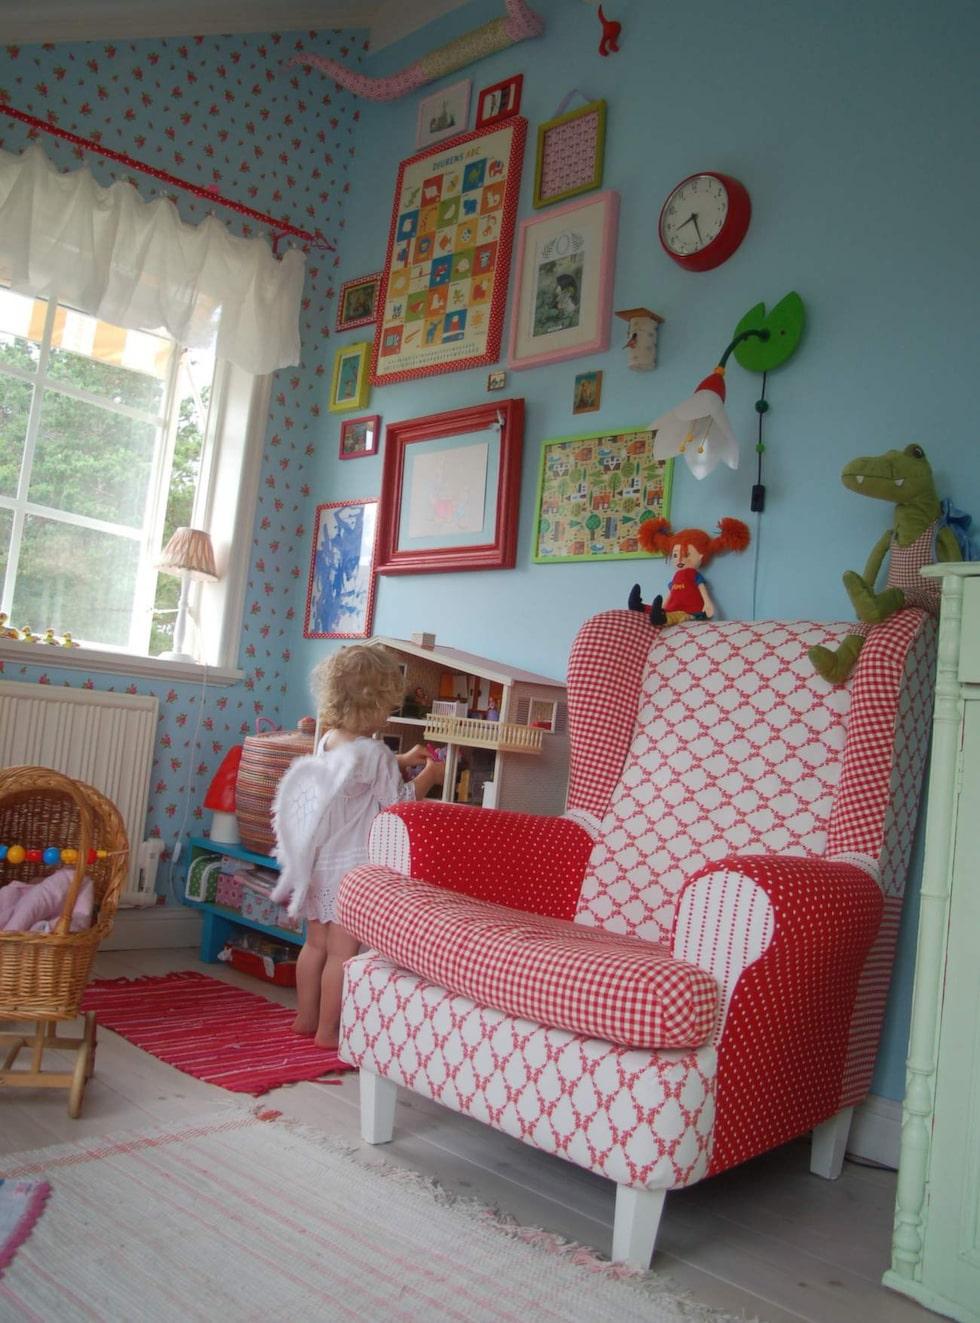 Den turkosa väggen kompletteras med en lika turkos tapet på en annan vägg, men med motiv av vita små prickar och rosa rosor.